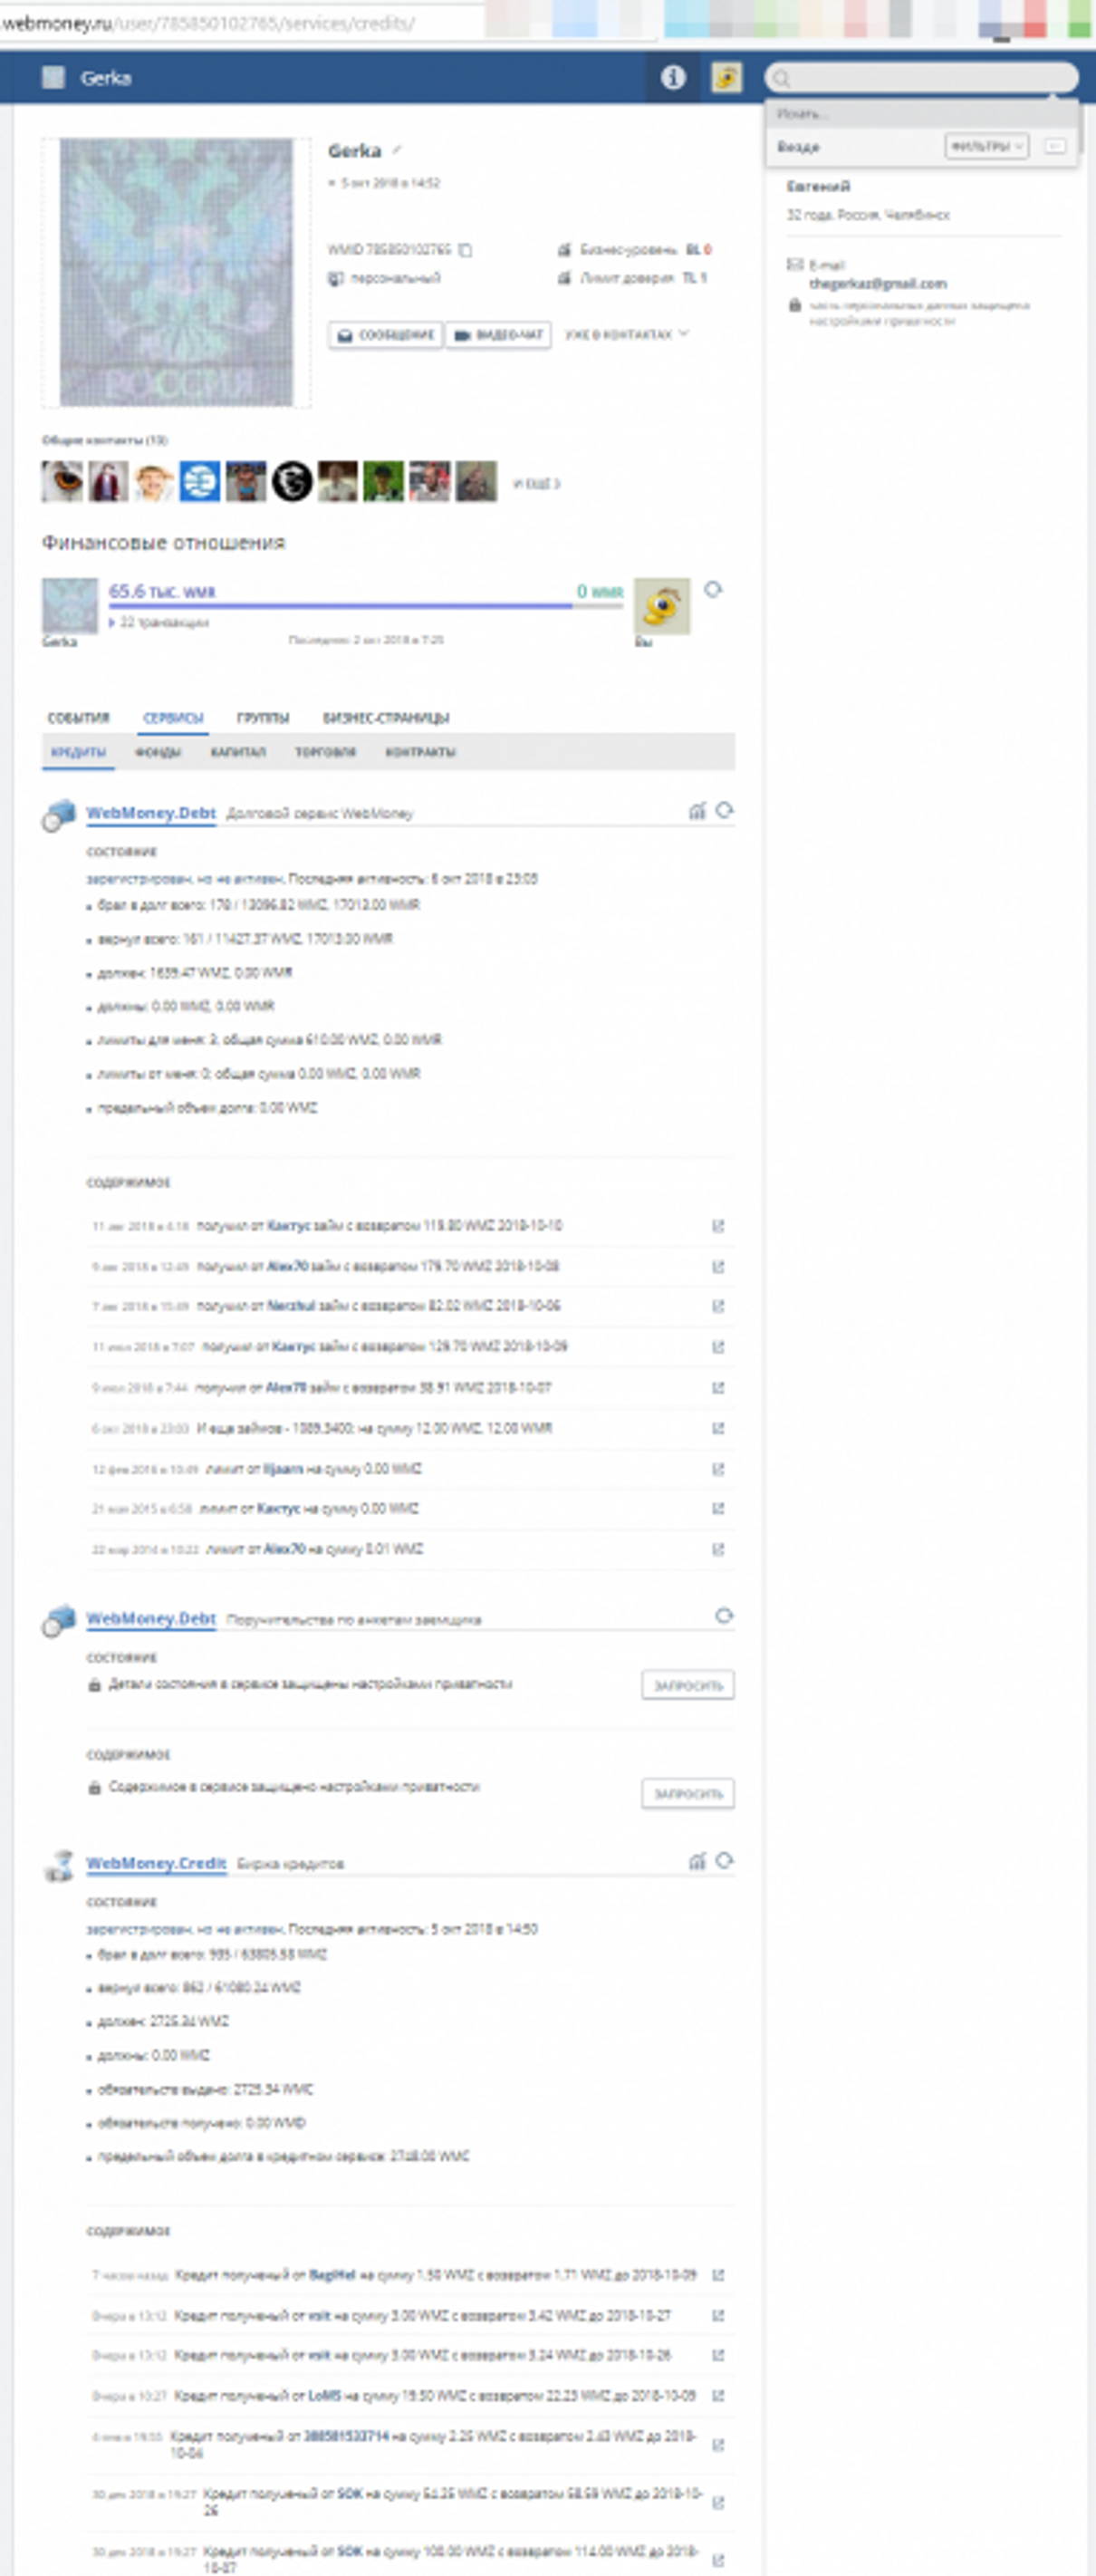 Жалоба-отзыв: Афанасович Евгений Валерьевич (Челябинск) - Украл $4400 на кредитах в Webmoney